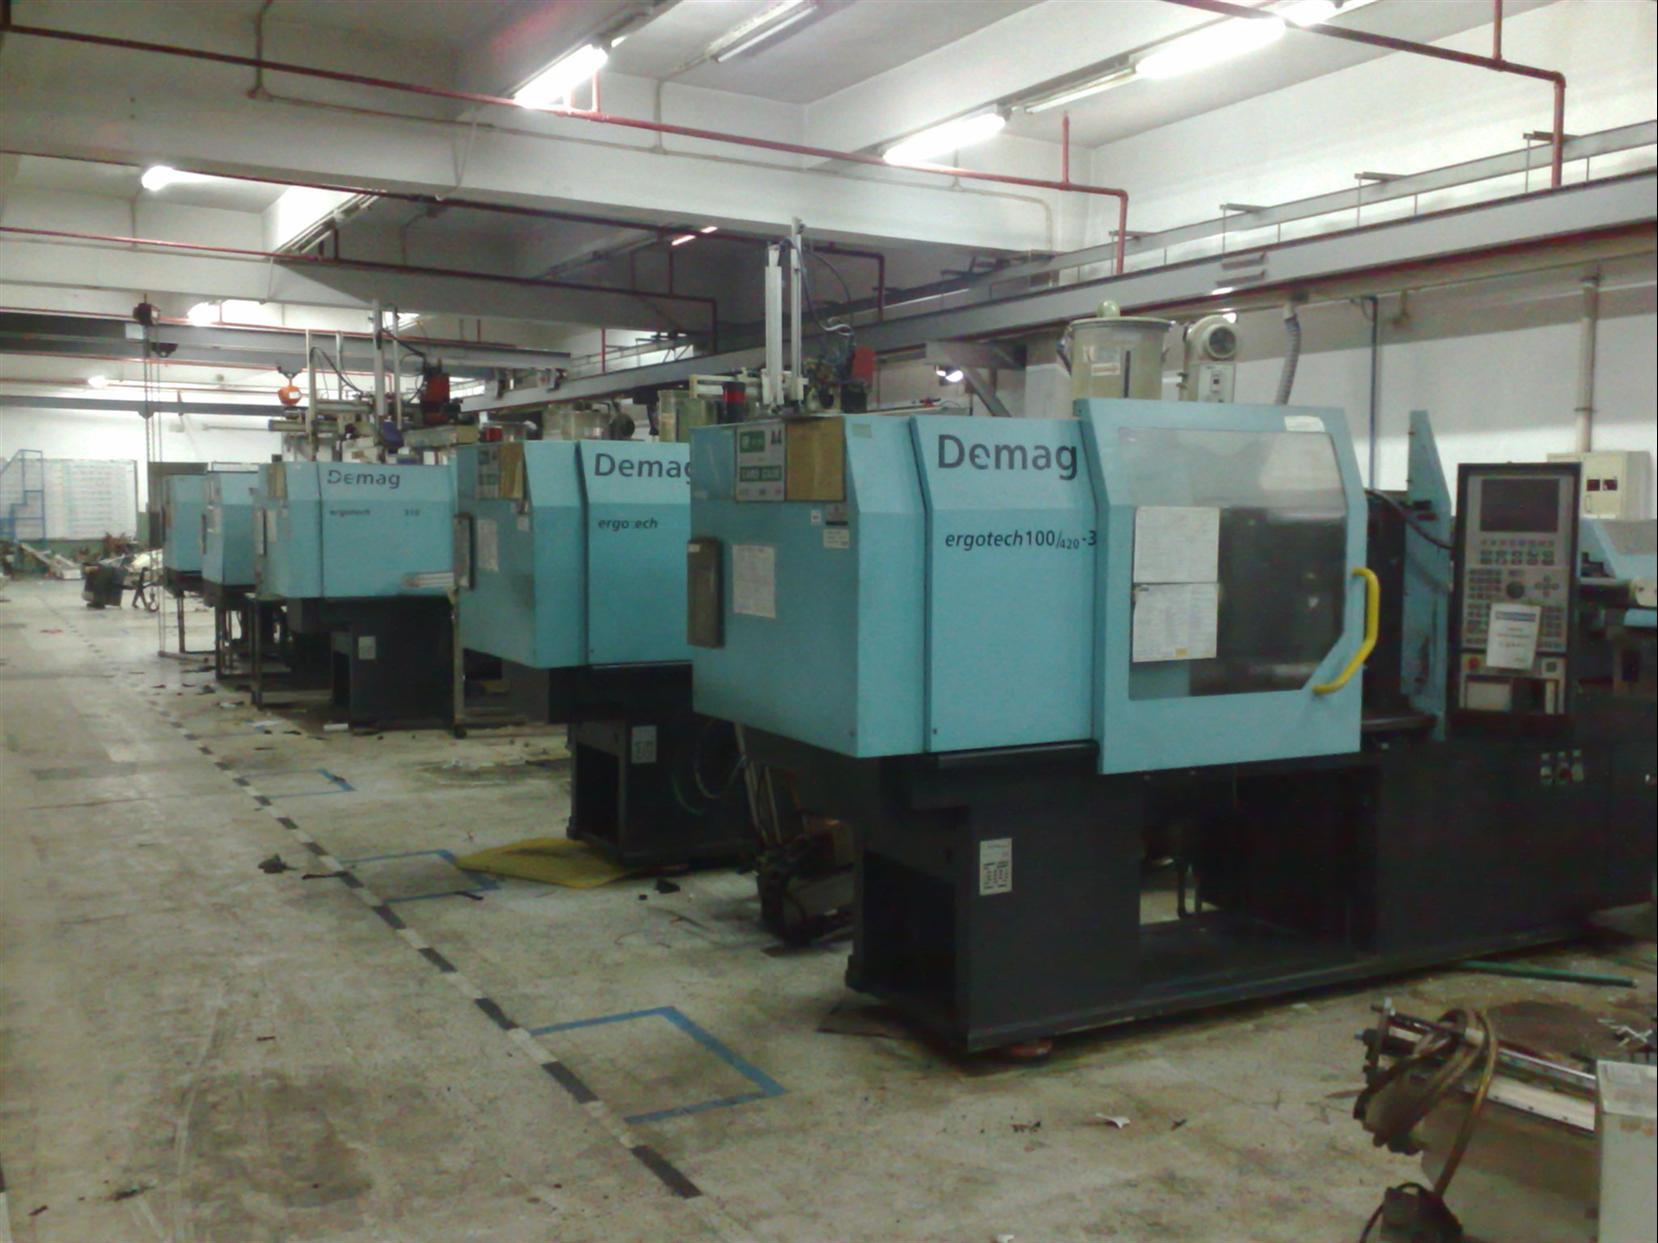 工厂设备回收 专业从事工厂设备回收特色货源